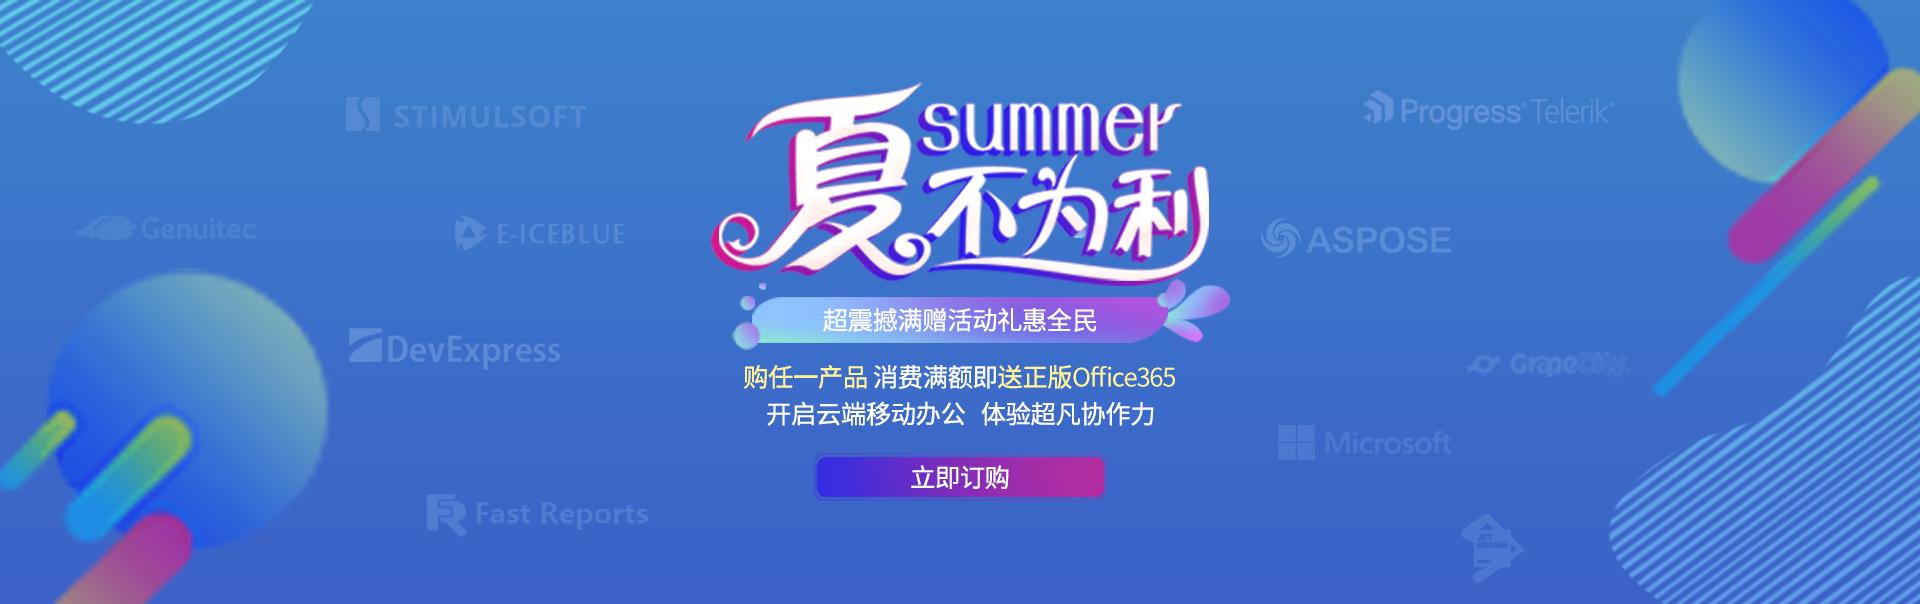 8月省钱式嗨购 Office 365三大版本免费送,云端办公更畅快!